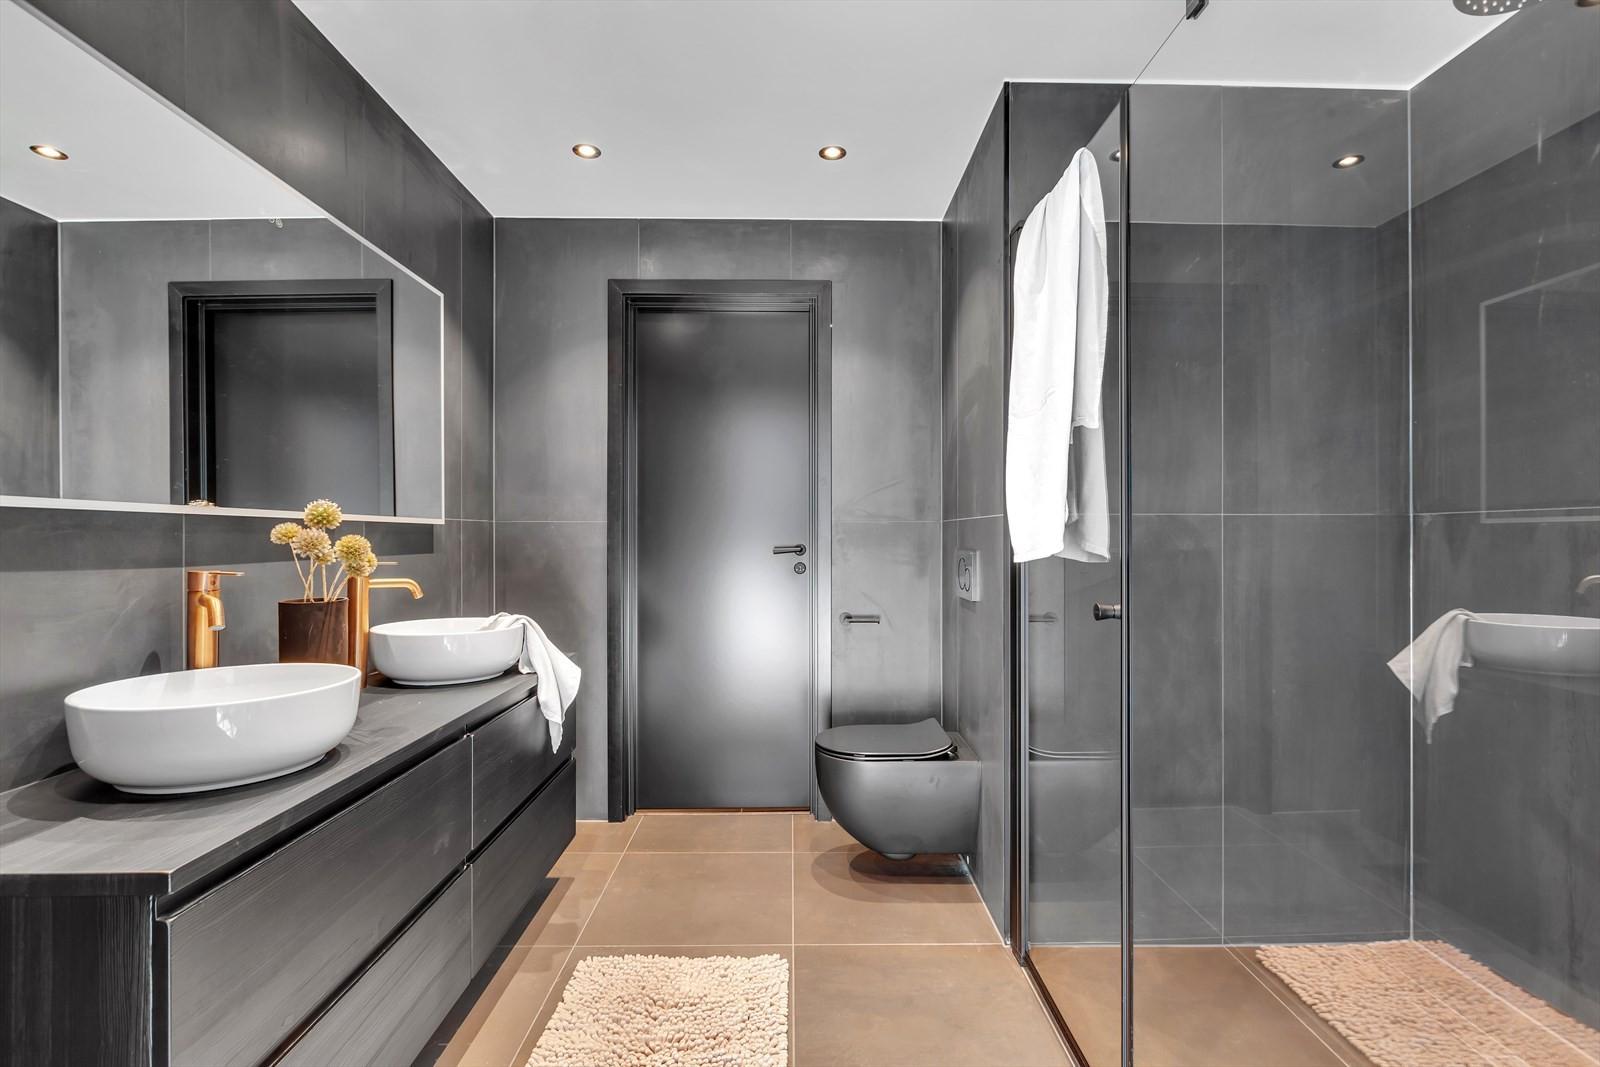 Hovedbadet er komplett flislagt, har doble servanter og varme i gulv